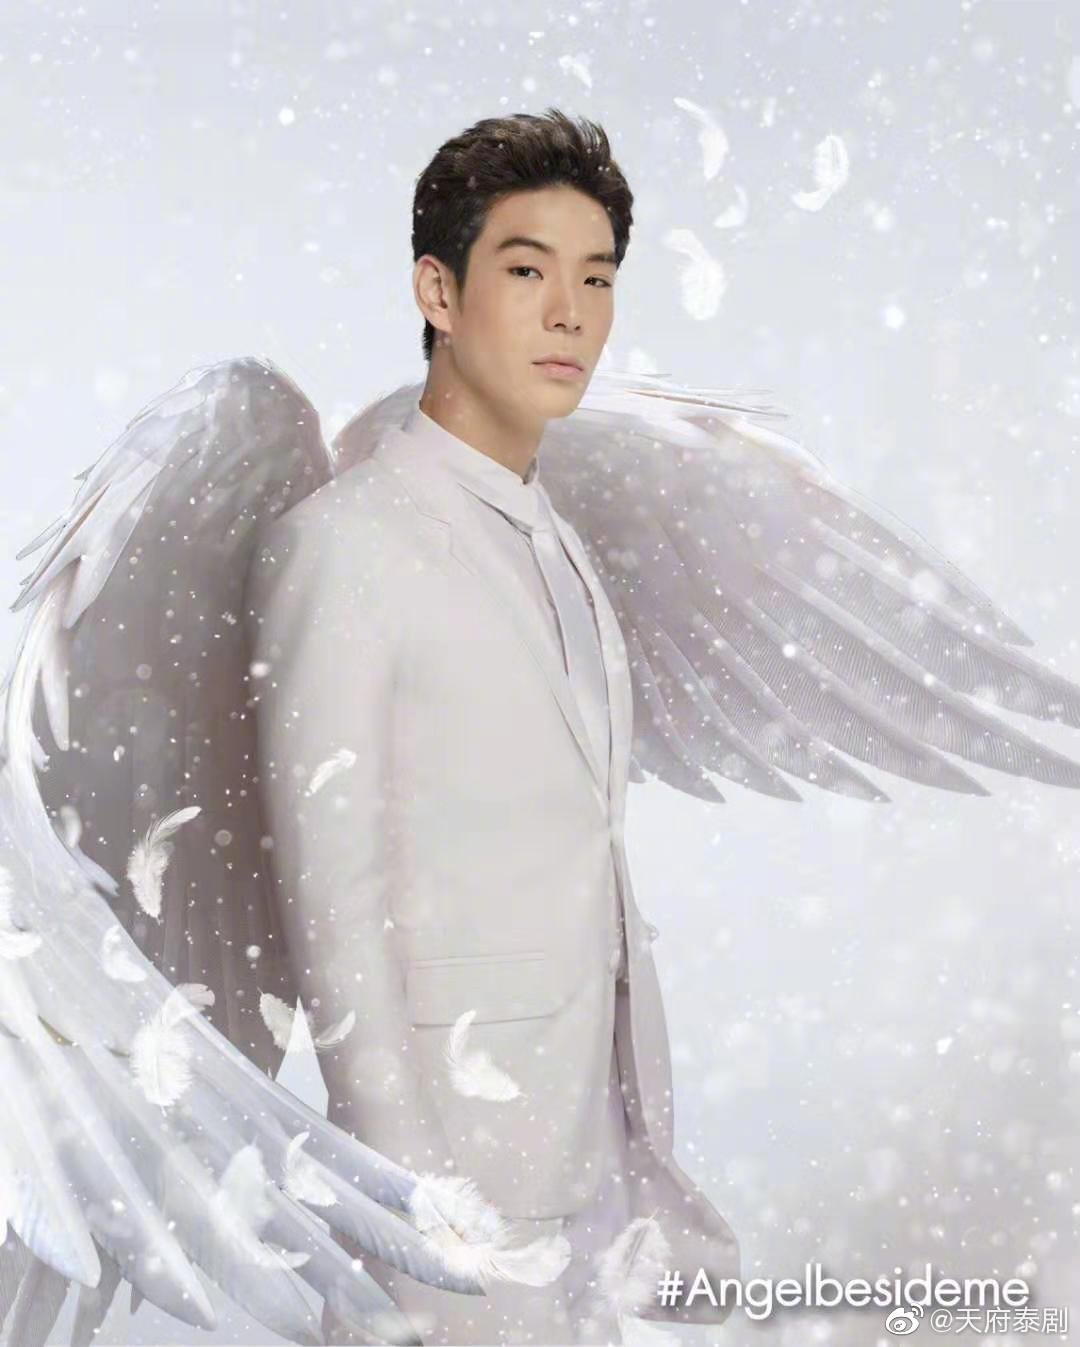 《天使在身边》的剧照3